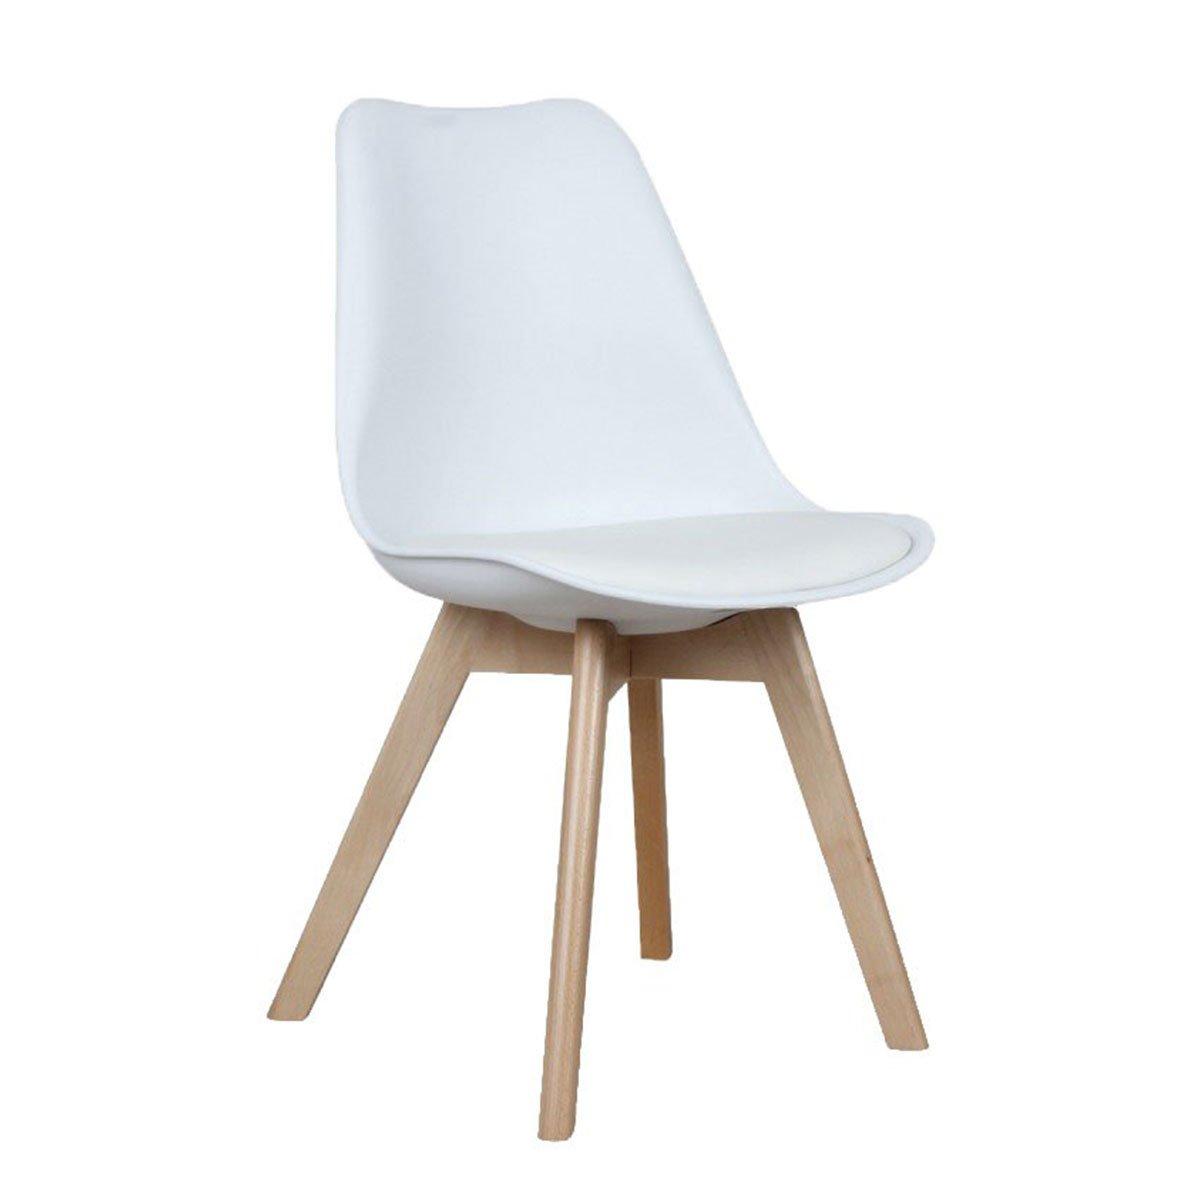 chaise scandinave effeil avec coussin blanc